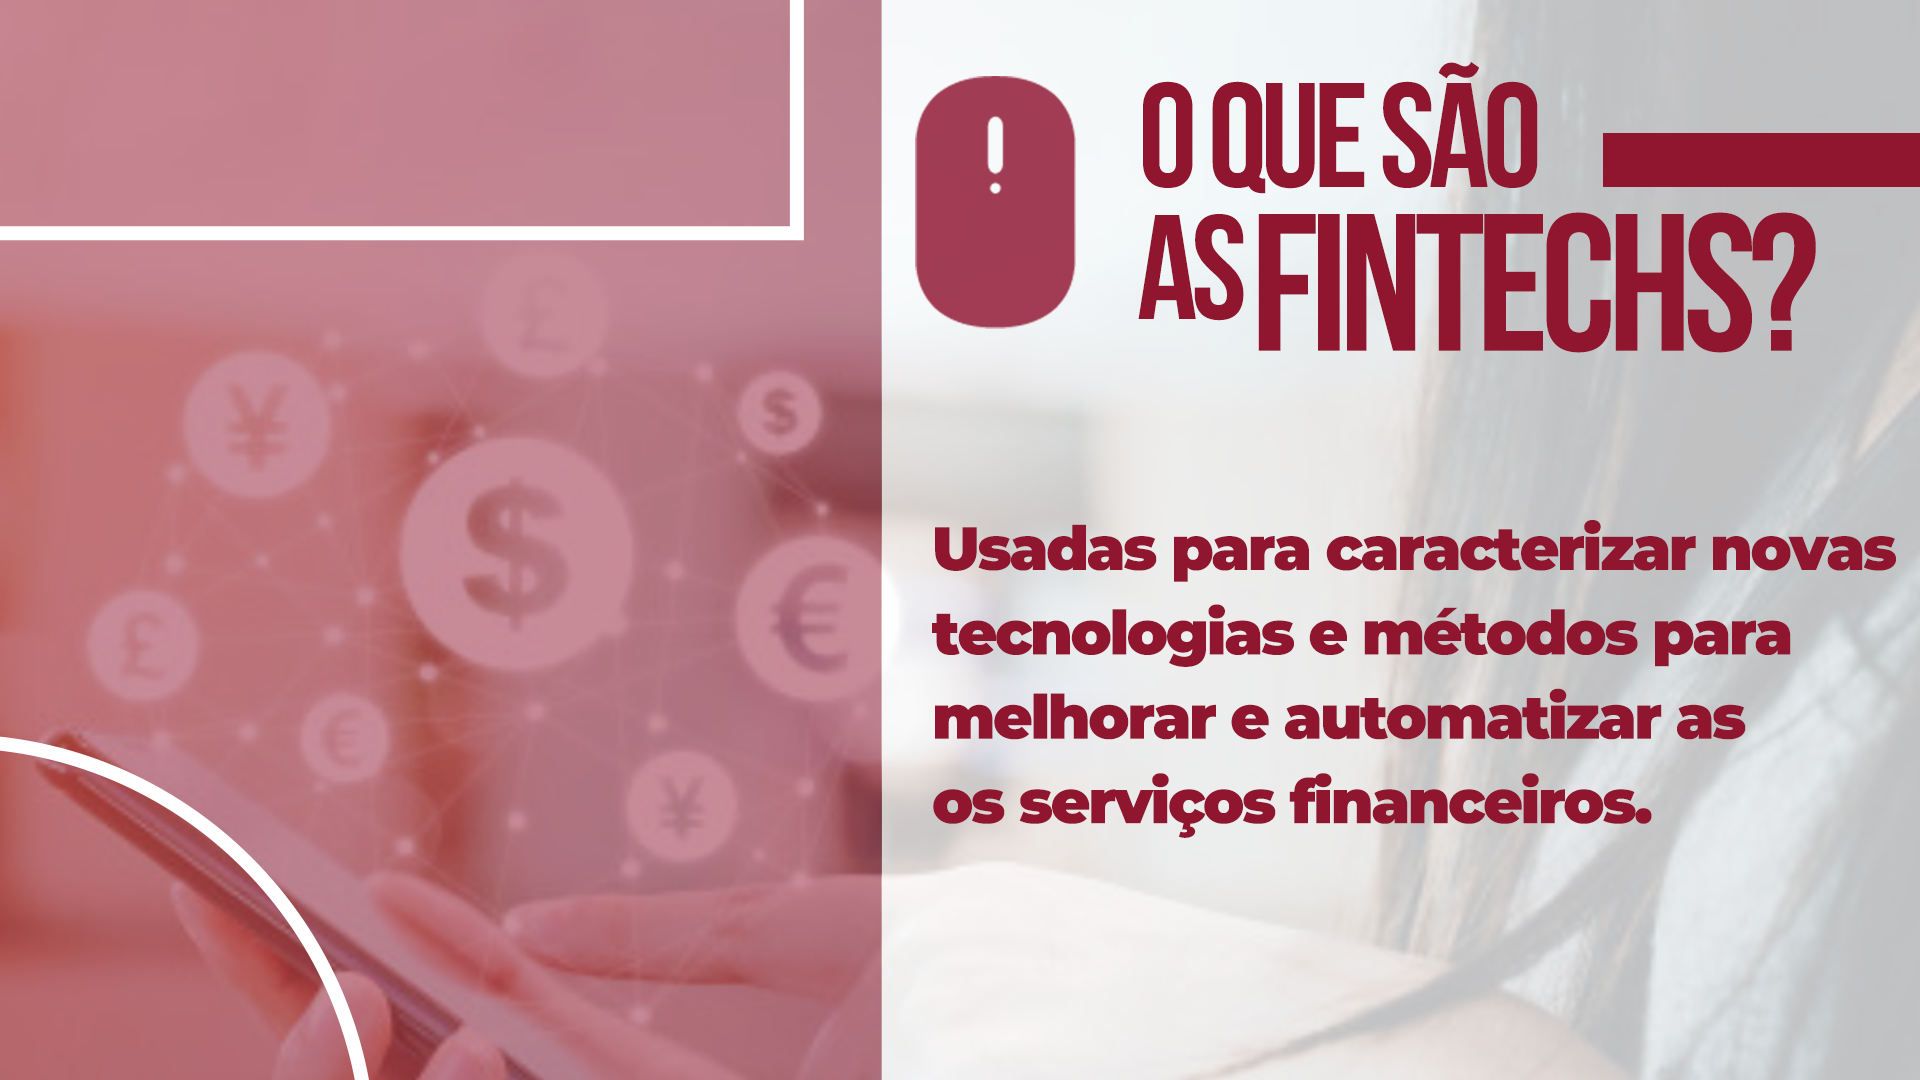 Provavelmente você já ouviu falar em fintech, que tem se tornou muito popular no Brasil nos últimos anos.